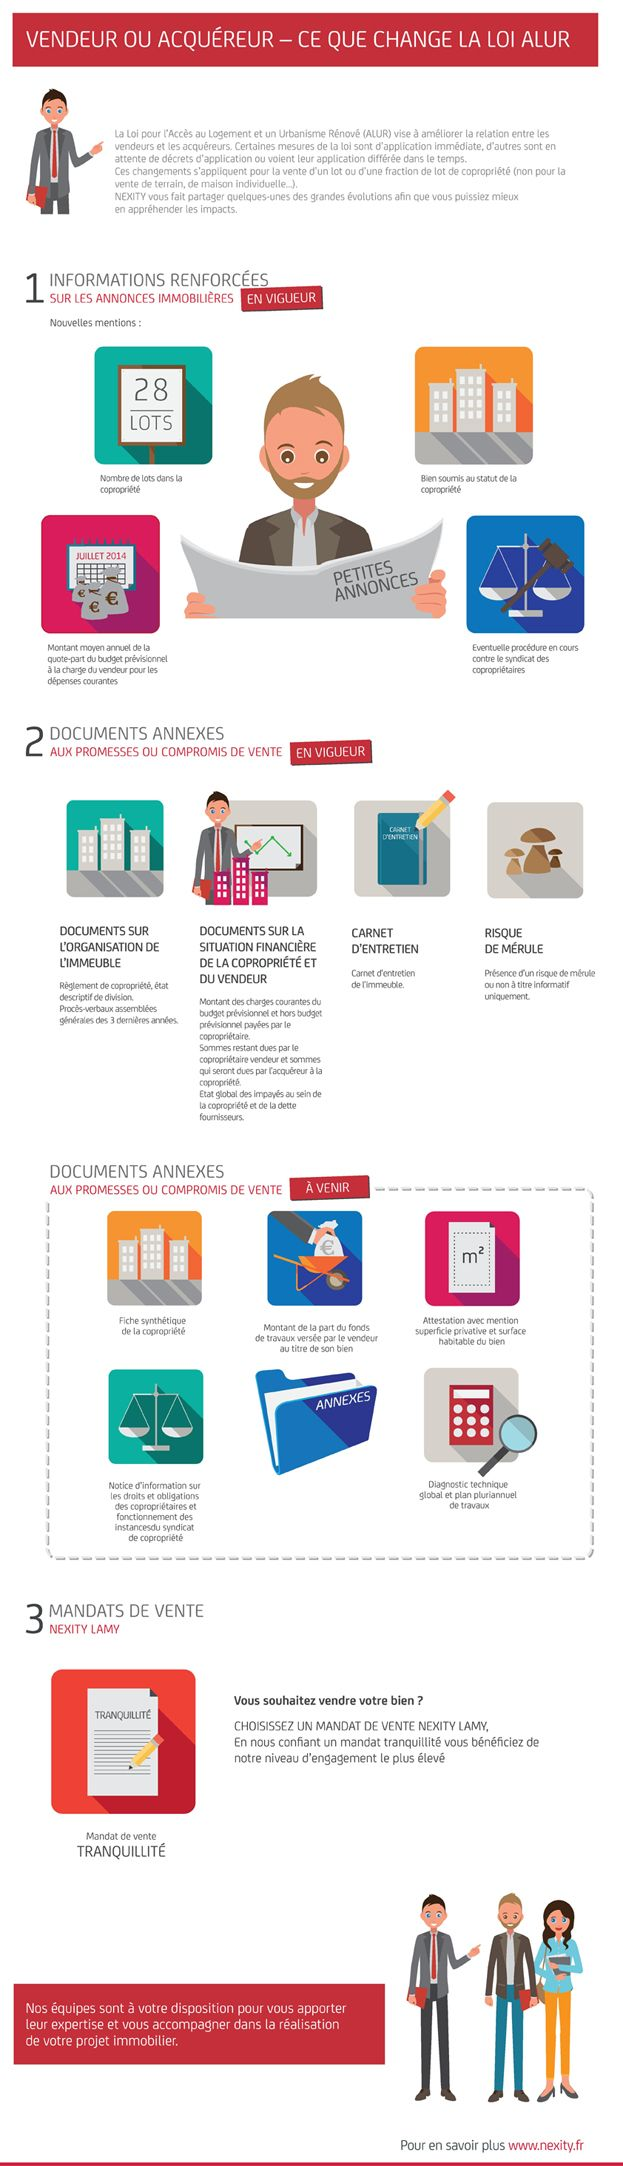 Vendeur ou acquéreur : ce que change la loi ALUR en images - Nexity